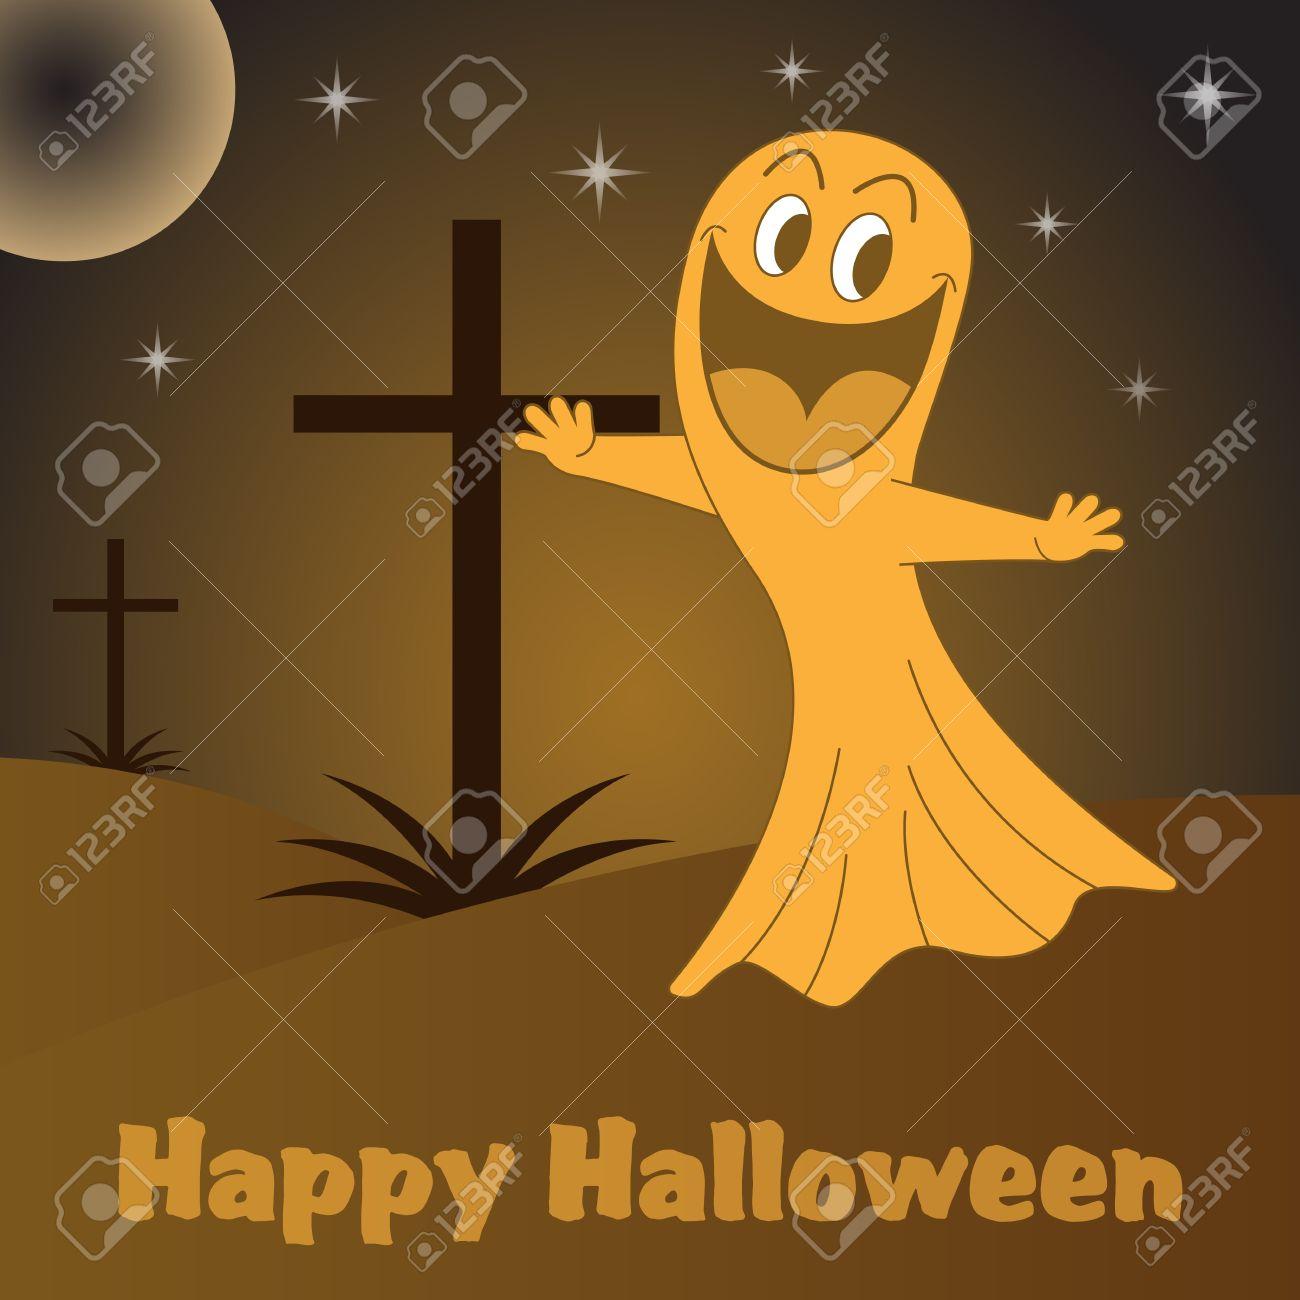 Personnage De Dessin Animé De Fantôme De Halloween Dans Un Cimetière Avec Traverse La Nuit